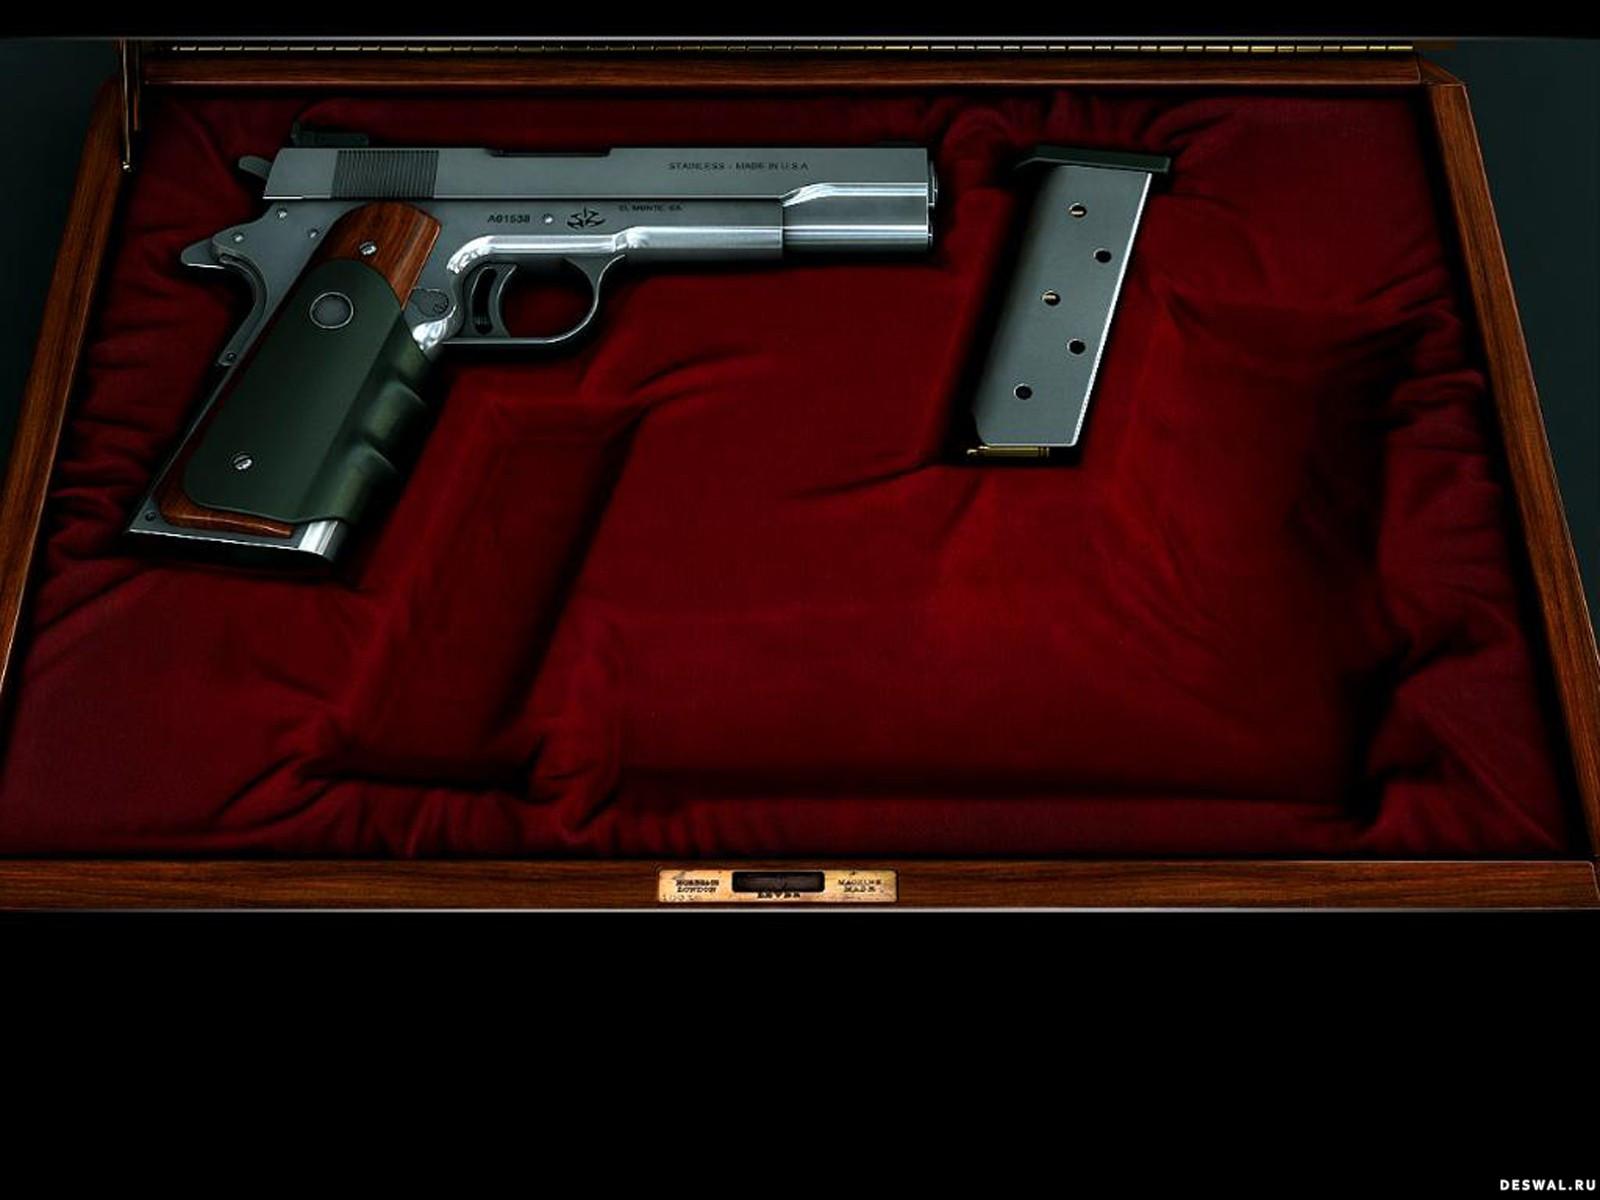 Фото 12. Нажмите на картинку с обоями оружия, чтобы просмотреть ее в реальном размере